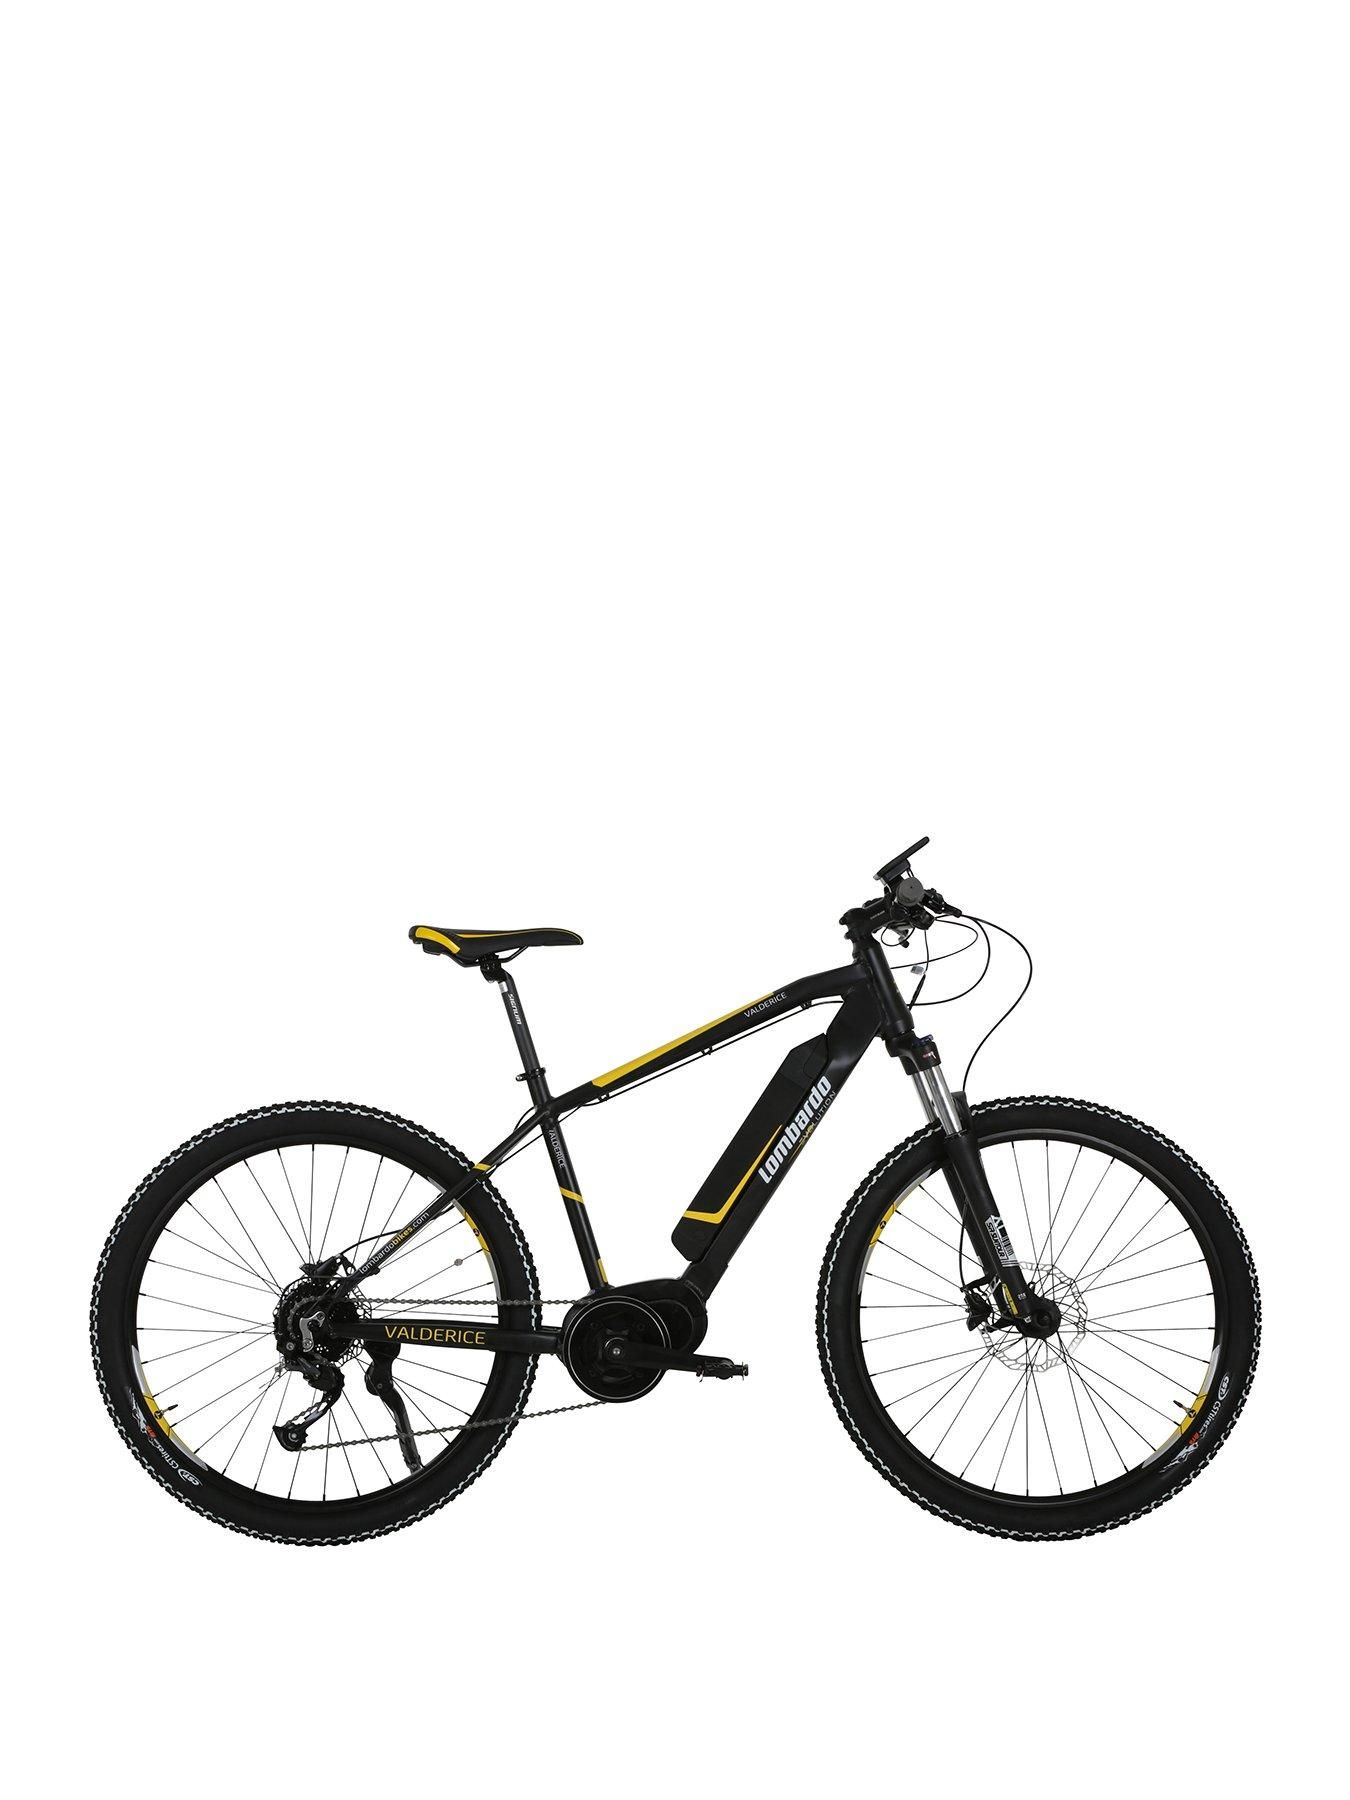 Lombardo Valderice Unisex Cm Mtb 16 Inch E Bike Bike Mtb Frames